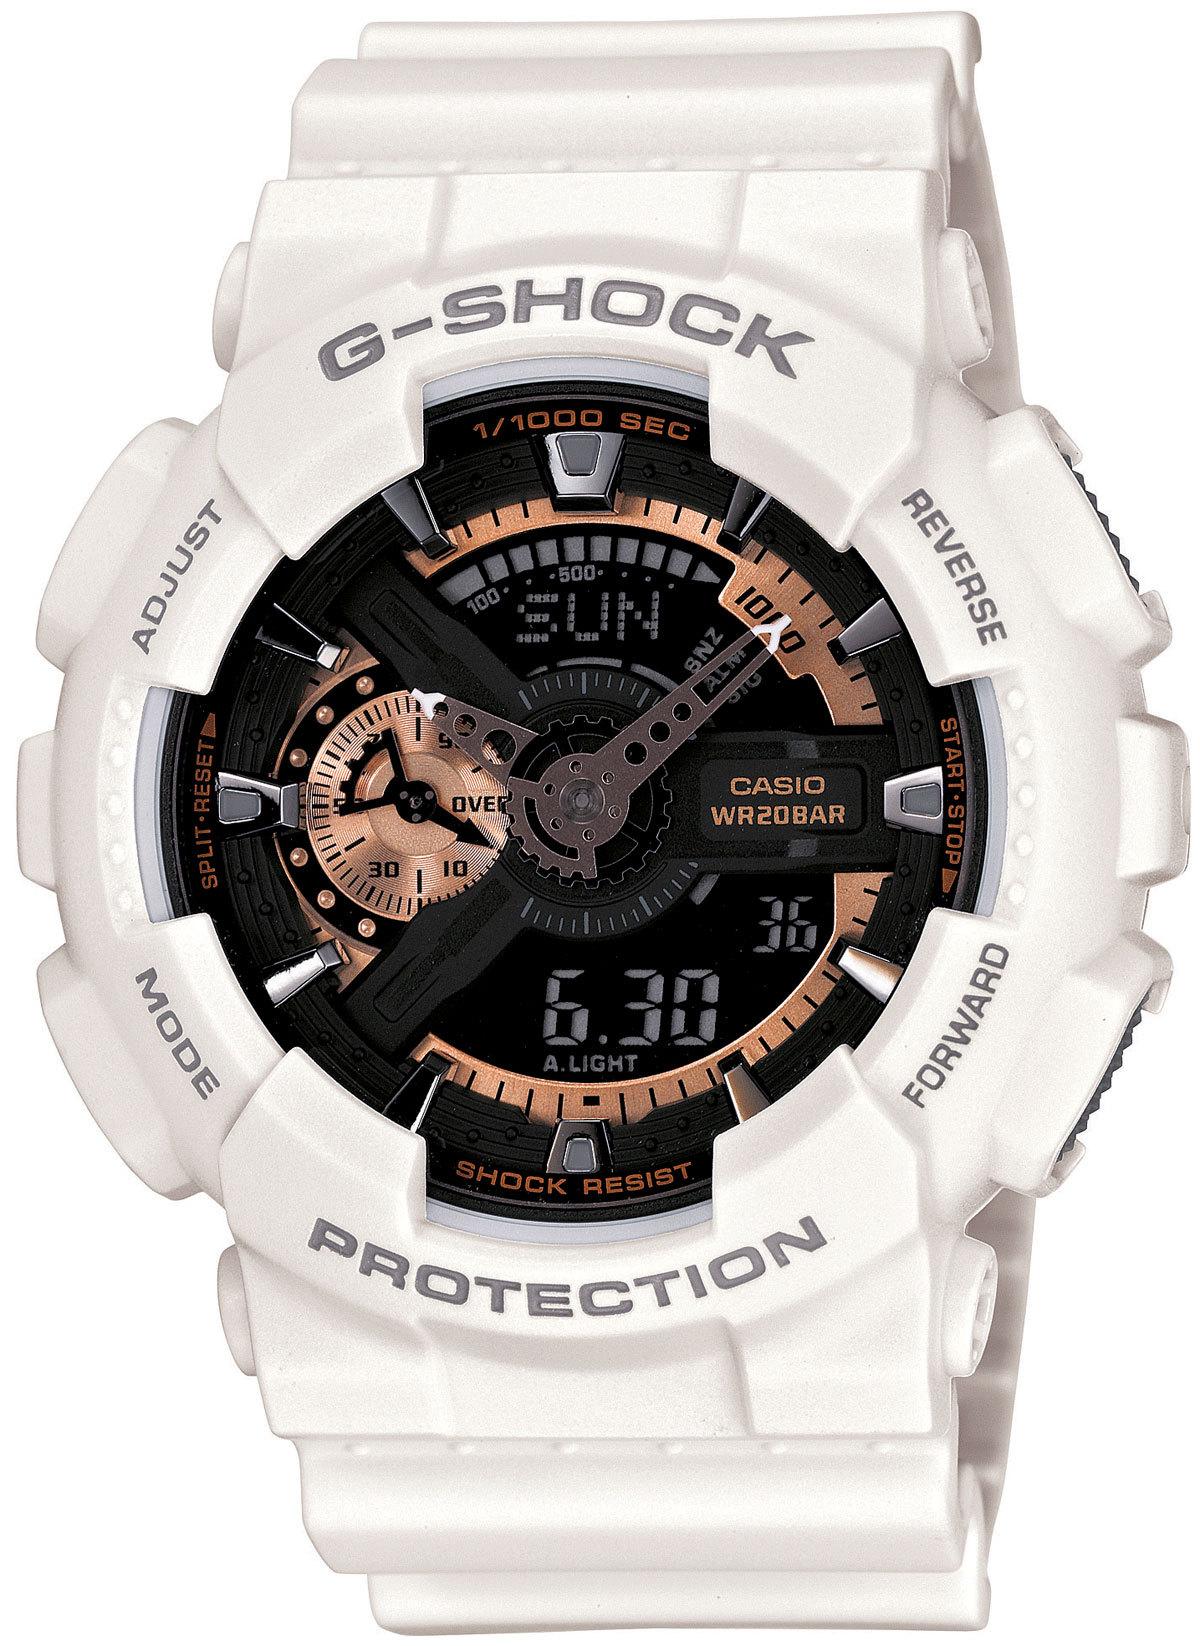 Casio G-SHOCK GA-110RG-7A / GA-110RG-7AER - мужские наручные часыCasio<br><br><br>Бренд: Casio<br>Модель: Casio GA-110RG-7A<br>Артикул: GA-110RG-7A<br>Вариант артикула: GA-110RG-7AER<br>Коллекция: G-SHOCK<br>Подколлекция: None<br>Страна: Япония<br>Пол: мужские<br>Тип механизма: кварцевые<br>Механизм: None<br>Количество камней: None<br>Автоподзавод: None<br>Источник энергии: от батарейки<br>Срок службы элемента питания: None<br>Дисплей: стрелки + цифры<br>Цифры: отсутствуют<br>Водозащита: WR 200<br>Противоударные: есть<br>Материал корпуса: пластик<br>Материал браслета: пластик<br>Материал безеля: None<br>Стекло: минеральное<br>Антибликовое покрытие: None<br>Цвет корпуса: None<br>Цвет браслета: None<br>Цвет циферблата: None<br>Цвет безеля: None<br>Размеры: 51.2x55x17.4 мм<br>Диаметр: None<br>Диаметр корпуса: None<br>Толщина: None<br>Ширина ремешка: None<br>Вес: 72 г<br>Спорт-функции: секундомер, таймер обратного отсчета<br>Подсветка: дисплея, стрелок<br>Вставка: None<br>Отображение даты: вечный календарь, число, месяц, день недели<br>Хронограф: None<br>Таймер: None<br>Термометр: None<br>Хронометр: None<br>GPS: None<br>Радиосинхронизация: None<br>Барометр: None<br>Скелетон: None<br>Дополнительная информация: автоподсветка, повтор сигнала будильника, ежечасный сигнал, защитная функция антимагнит, элемент питания CR1220, срок службы батарейки 2 года<br>Дополнительные функции: второй часовой пояс, будильник (количество установок: 5)